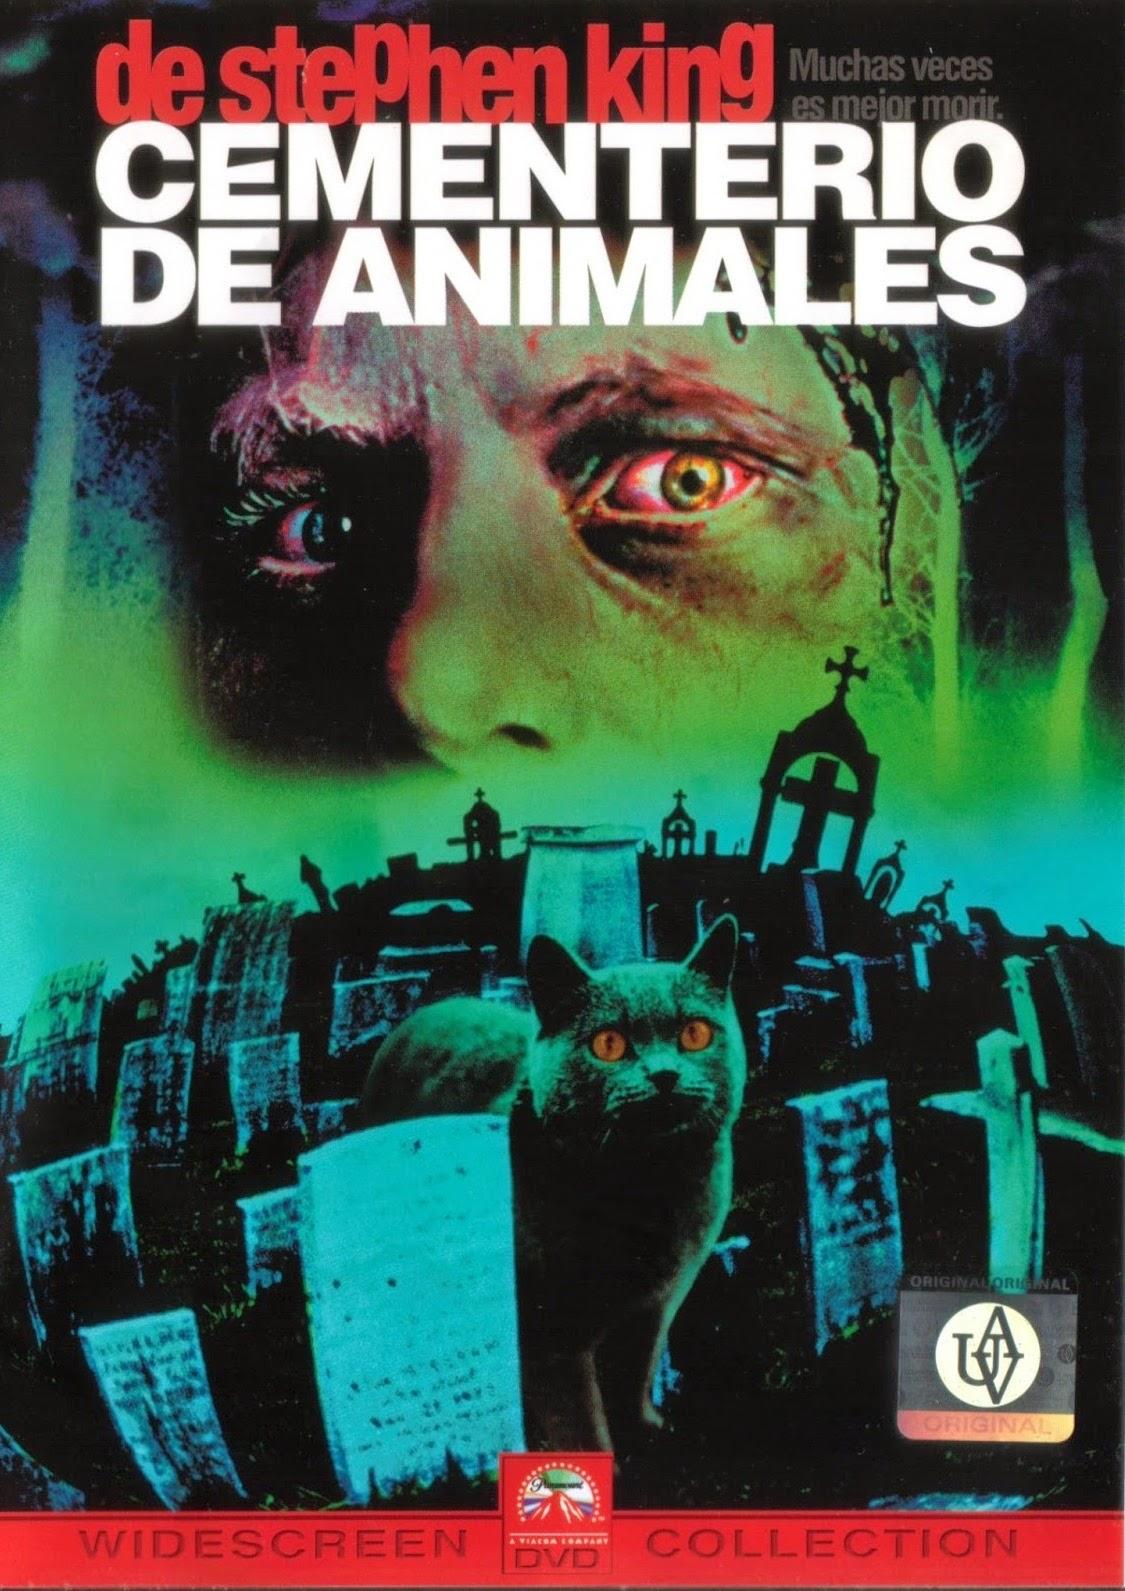 Cementerio de animales - Libro y película